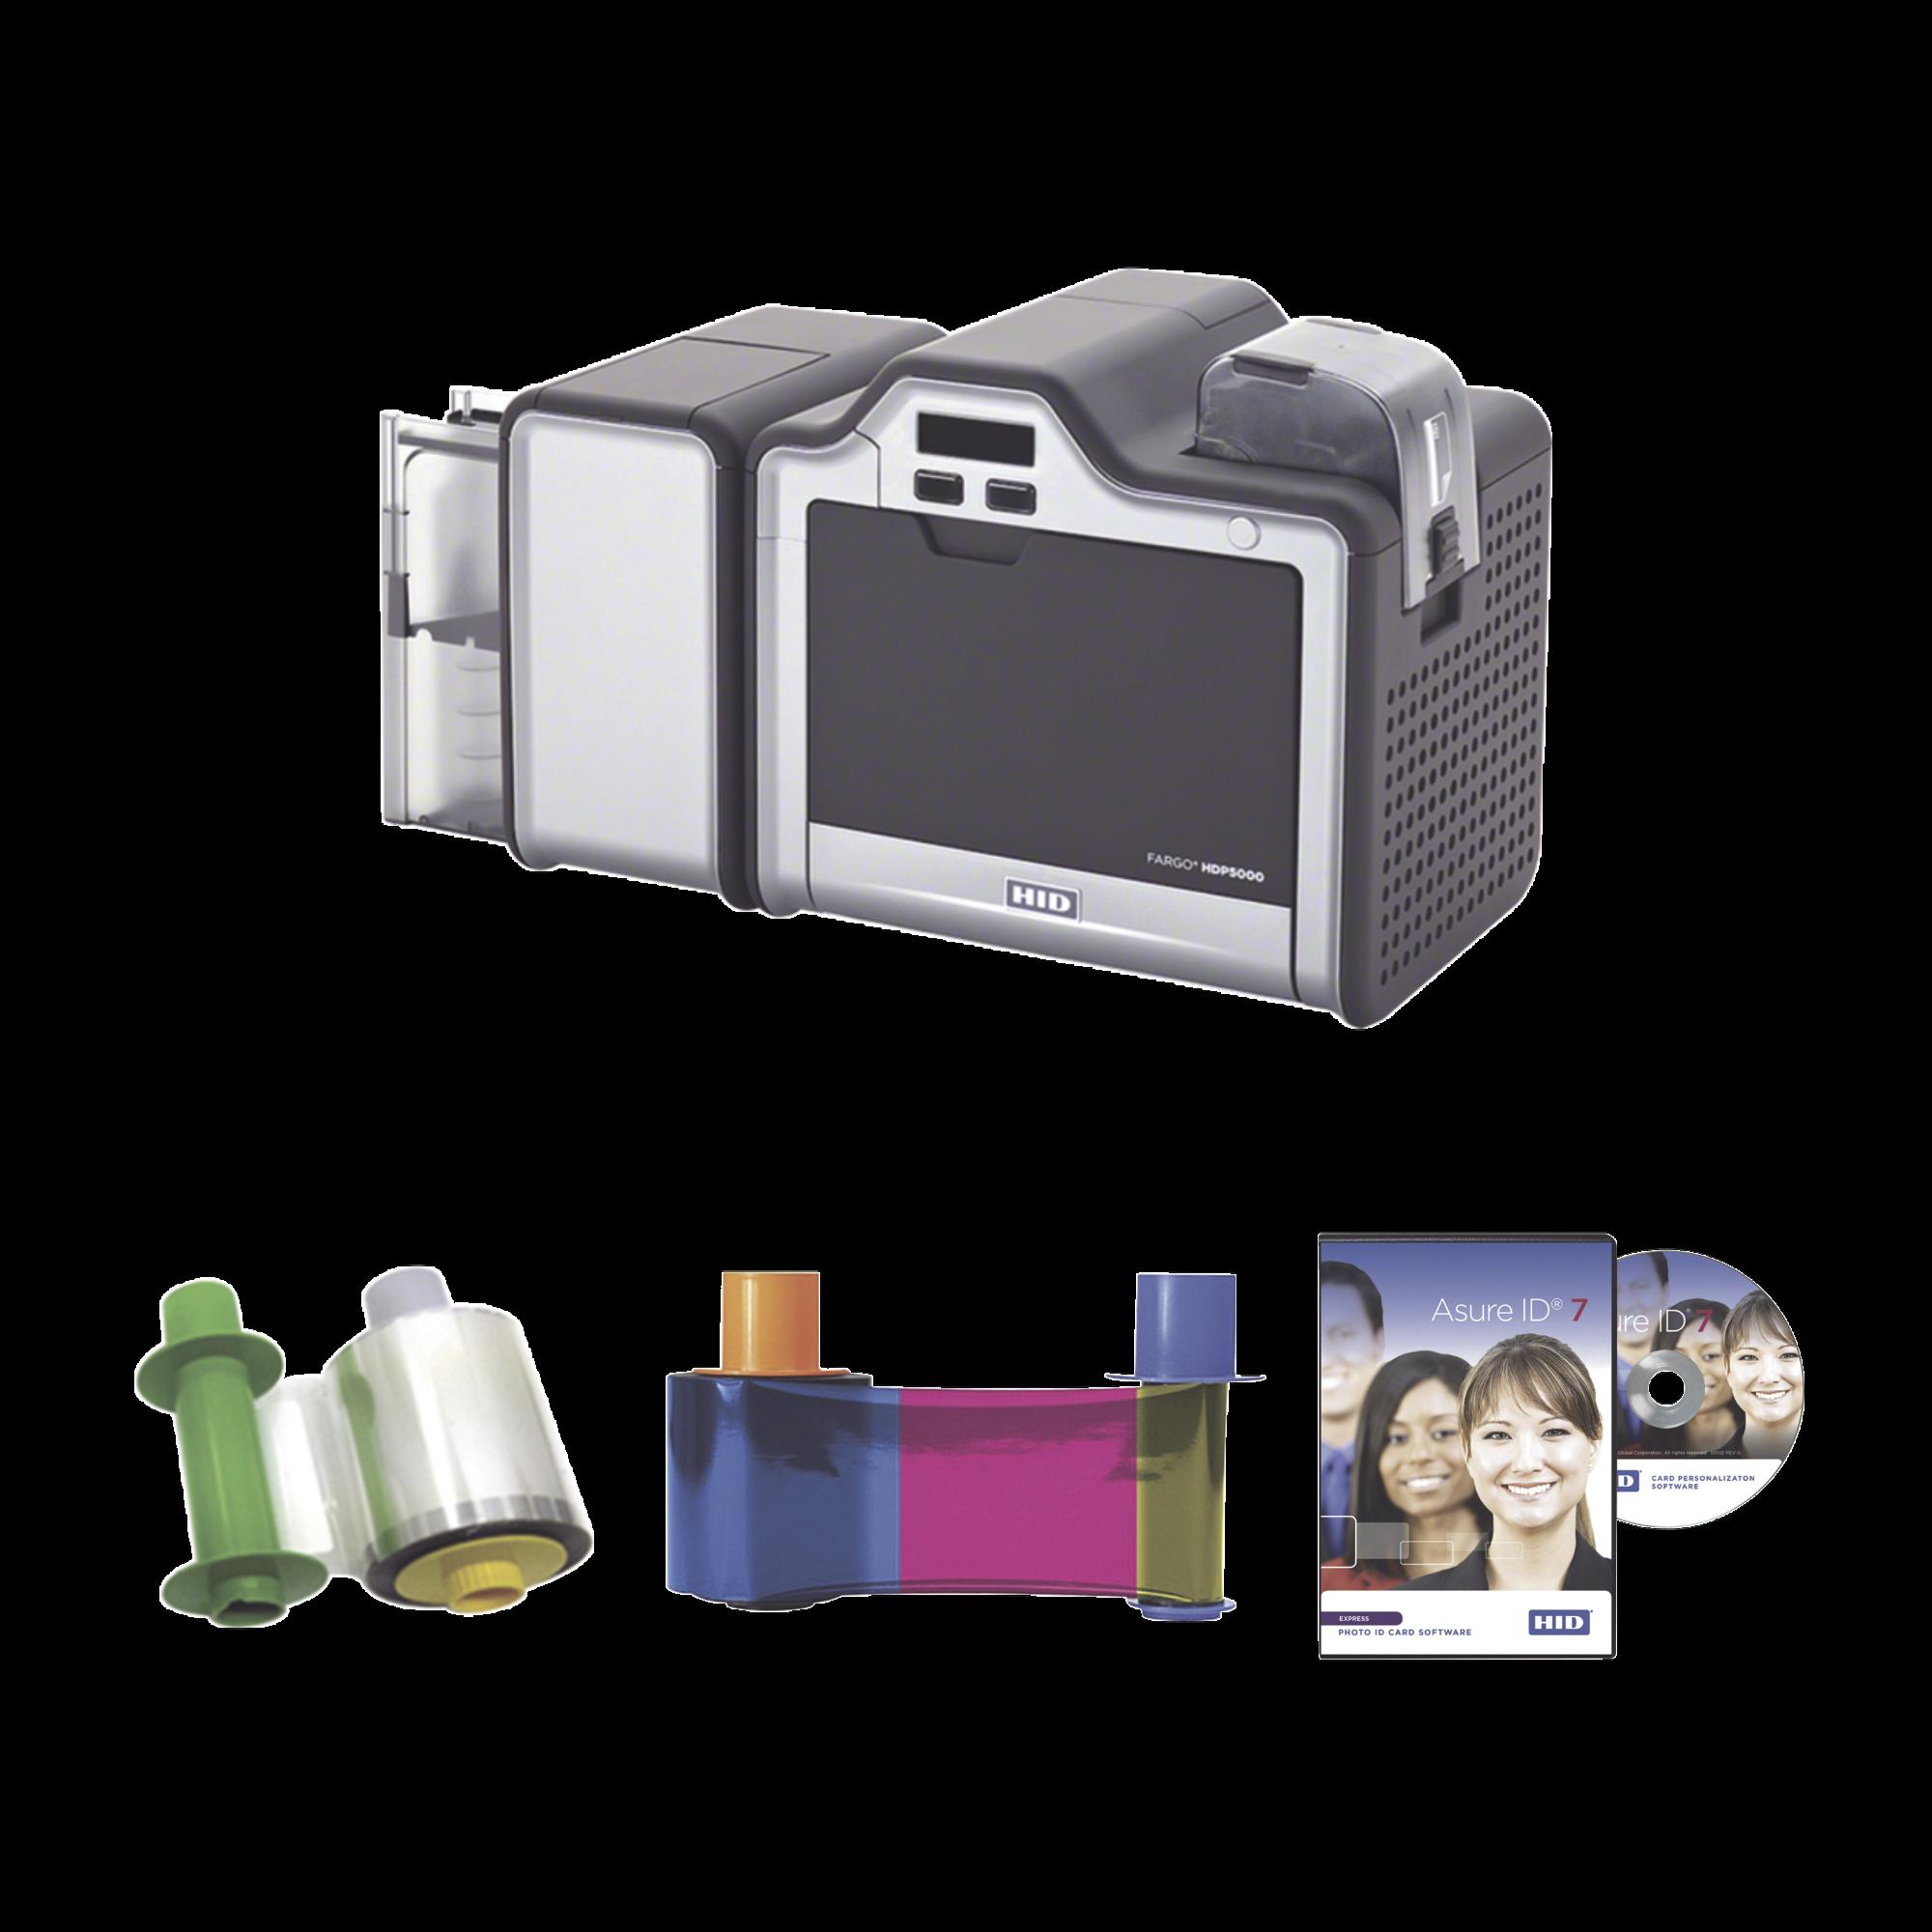 Kit Impresora Retransferencia HDP5000/ Doble Lado/ Incluye Ribbon, Film y Software/ 3 Años Garantía